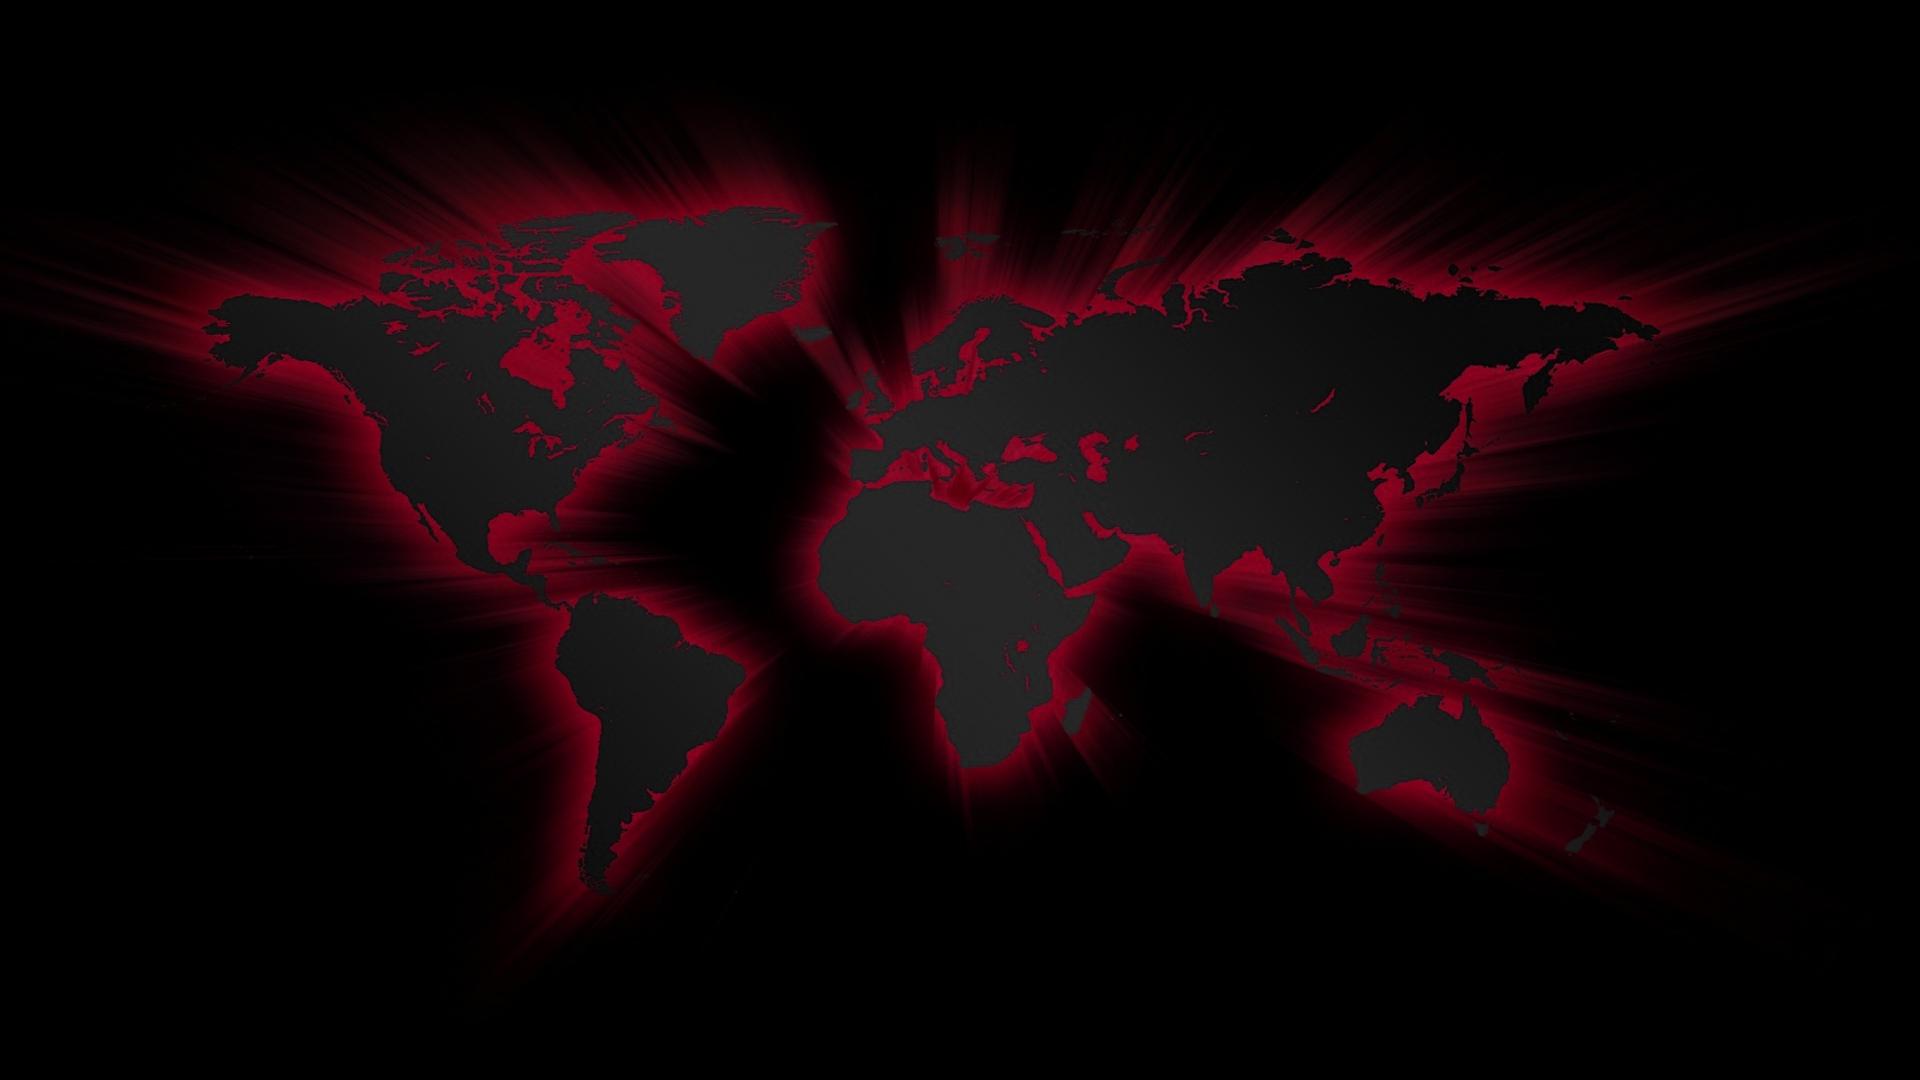 1920x1080 Material Design Dark Red Black Laptop Full HD